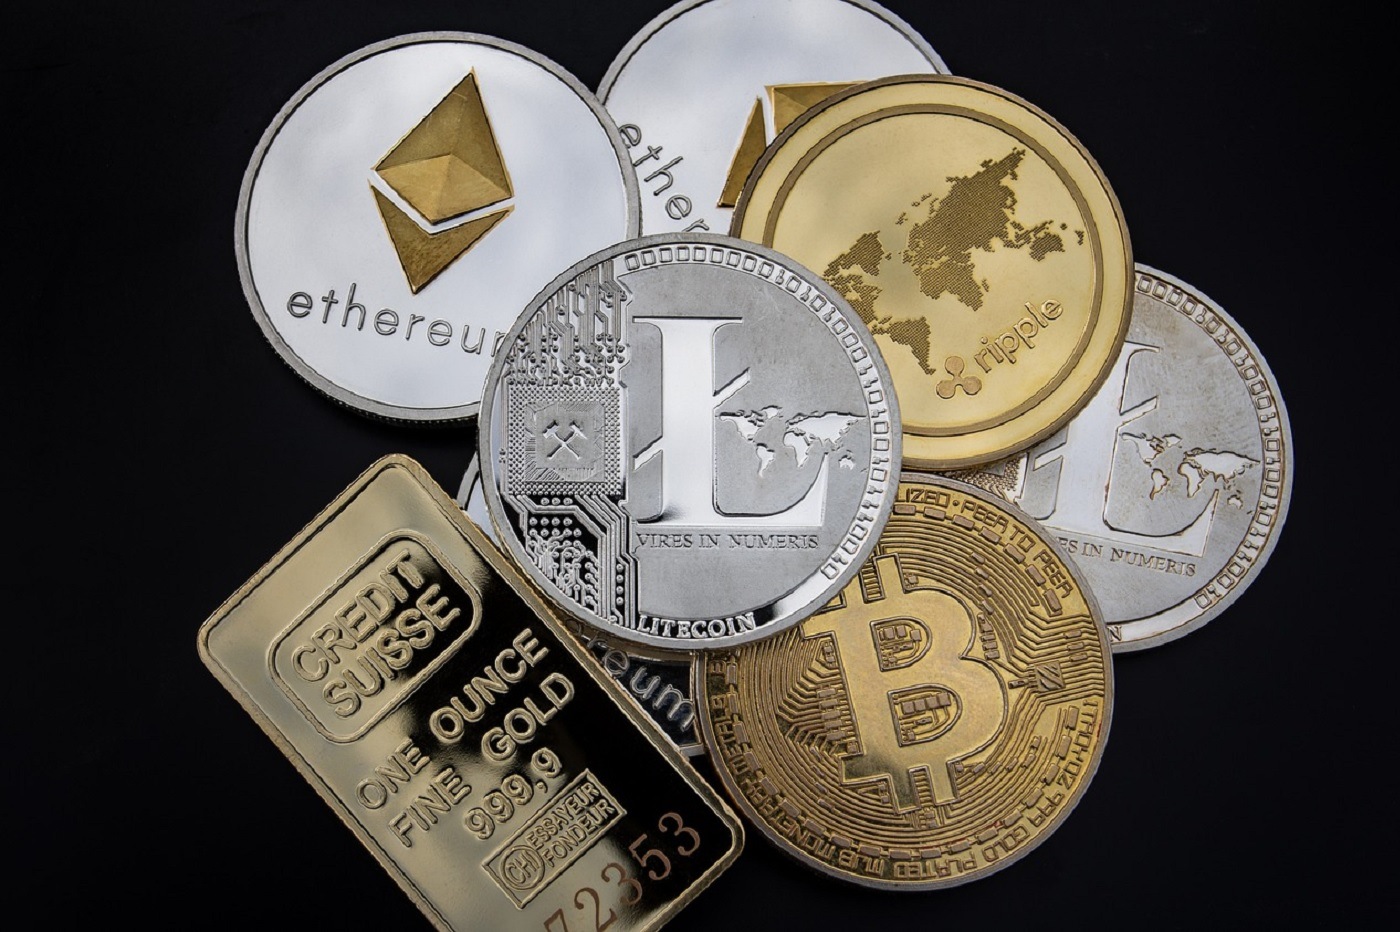 Tiền điện tử: Đức sửa đổi luật để khuyến khích đầu tư 1